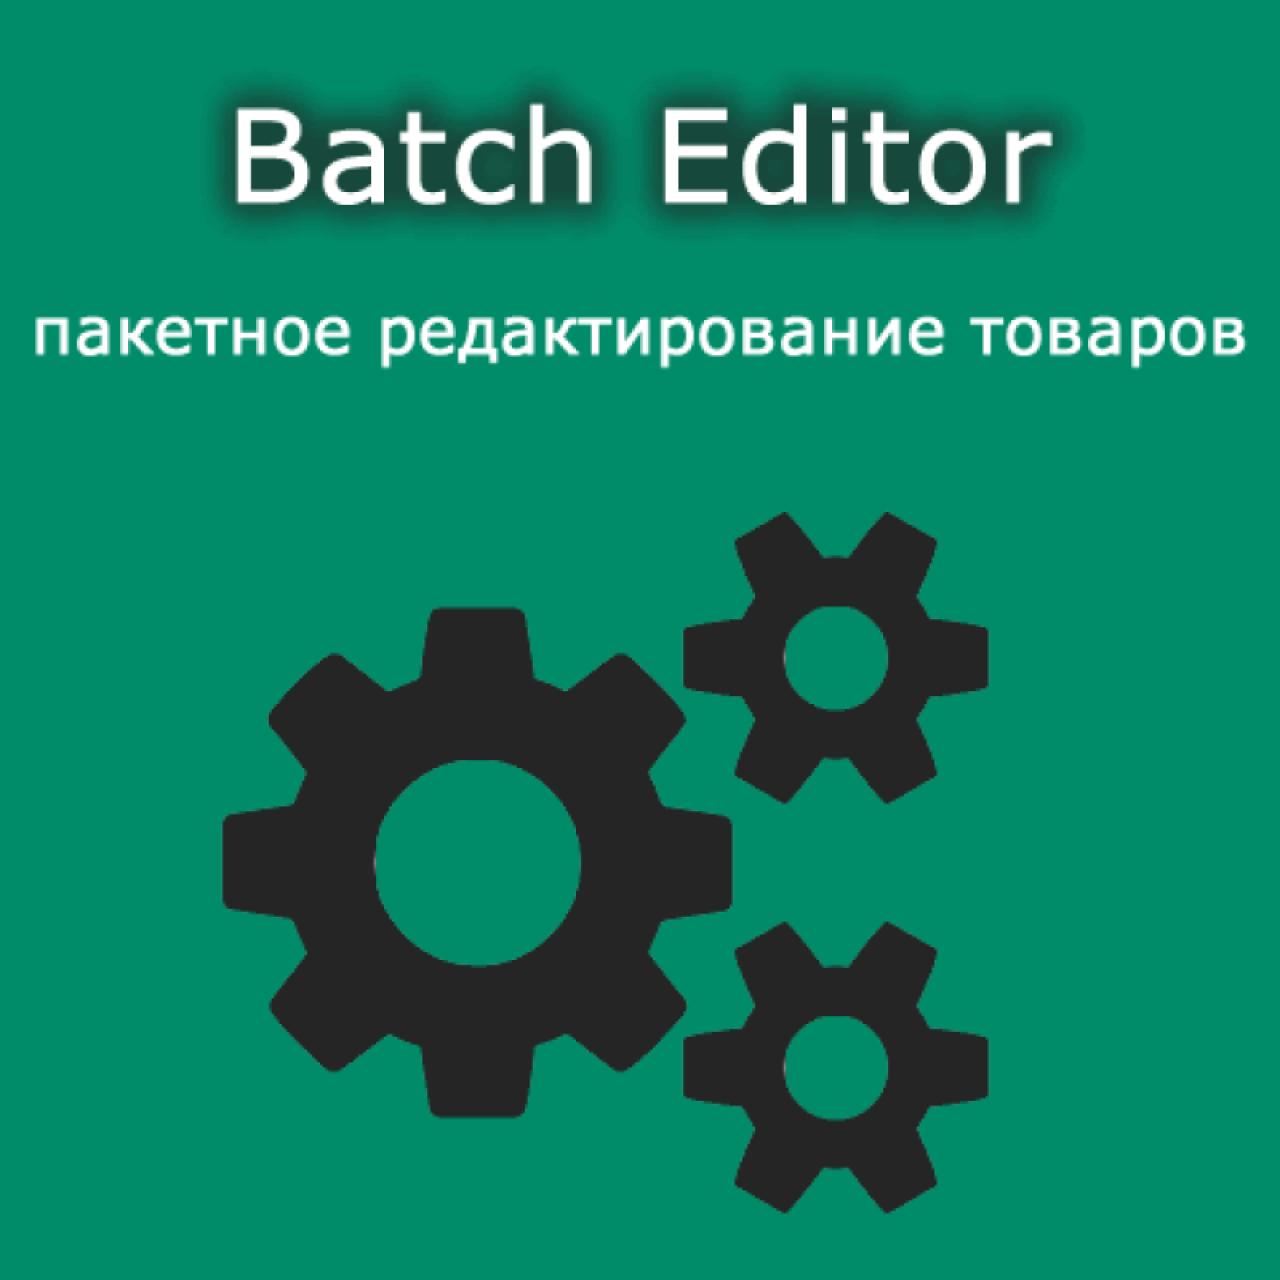 Модуль Batch Editor - пакетное редактирование товаров ocStore/Opencart 2.x/3.x из категории Админка для CMS OpenCart (ОпенКарт)